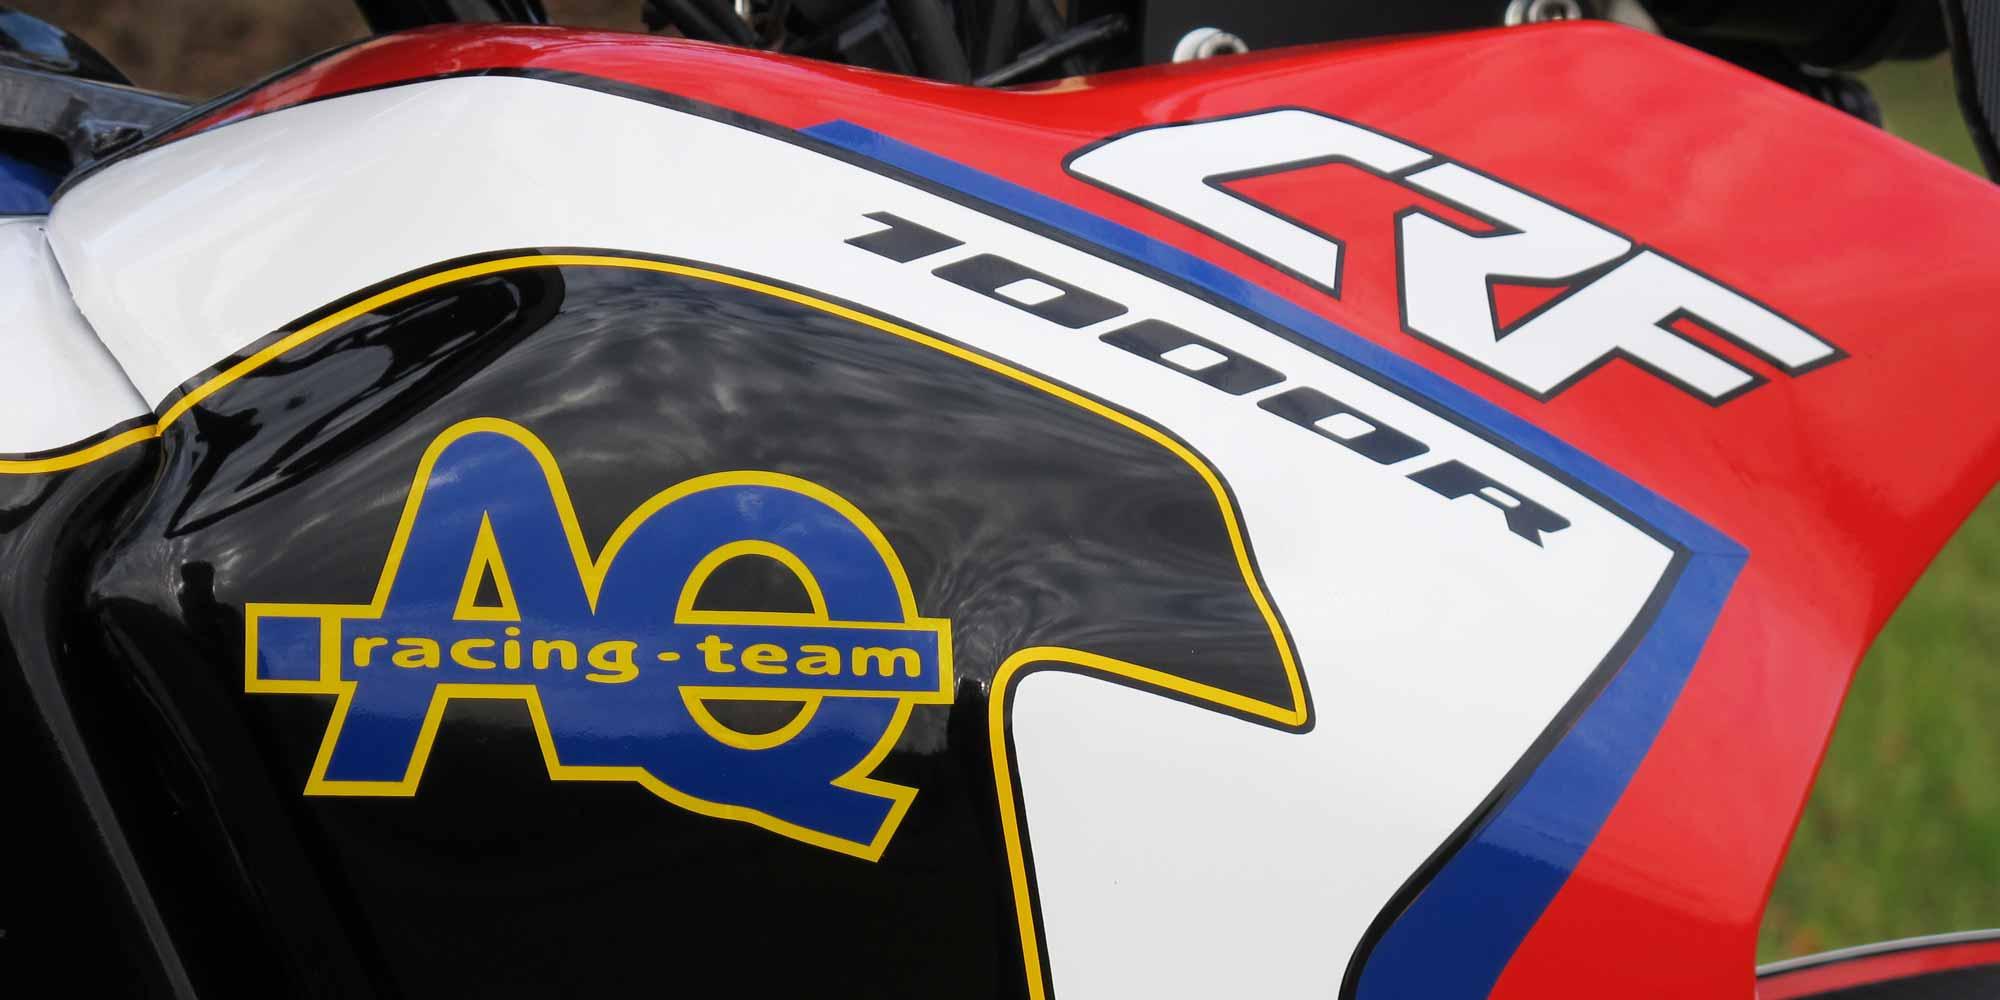 Niedlich Motocross Fortsetzungsbeispiele Bilder - Beispiel ...